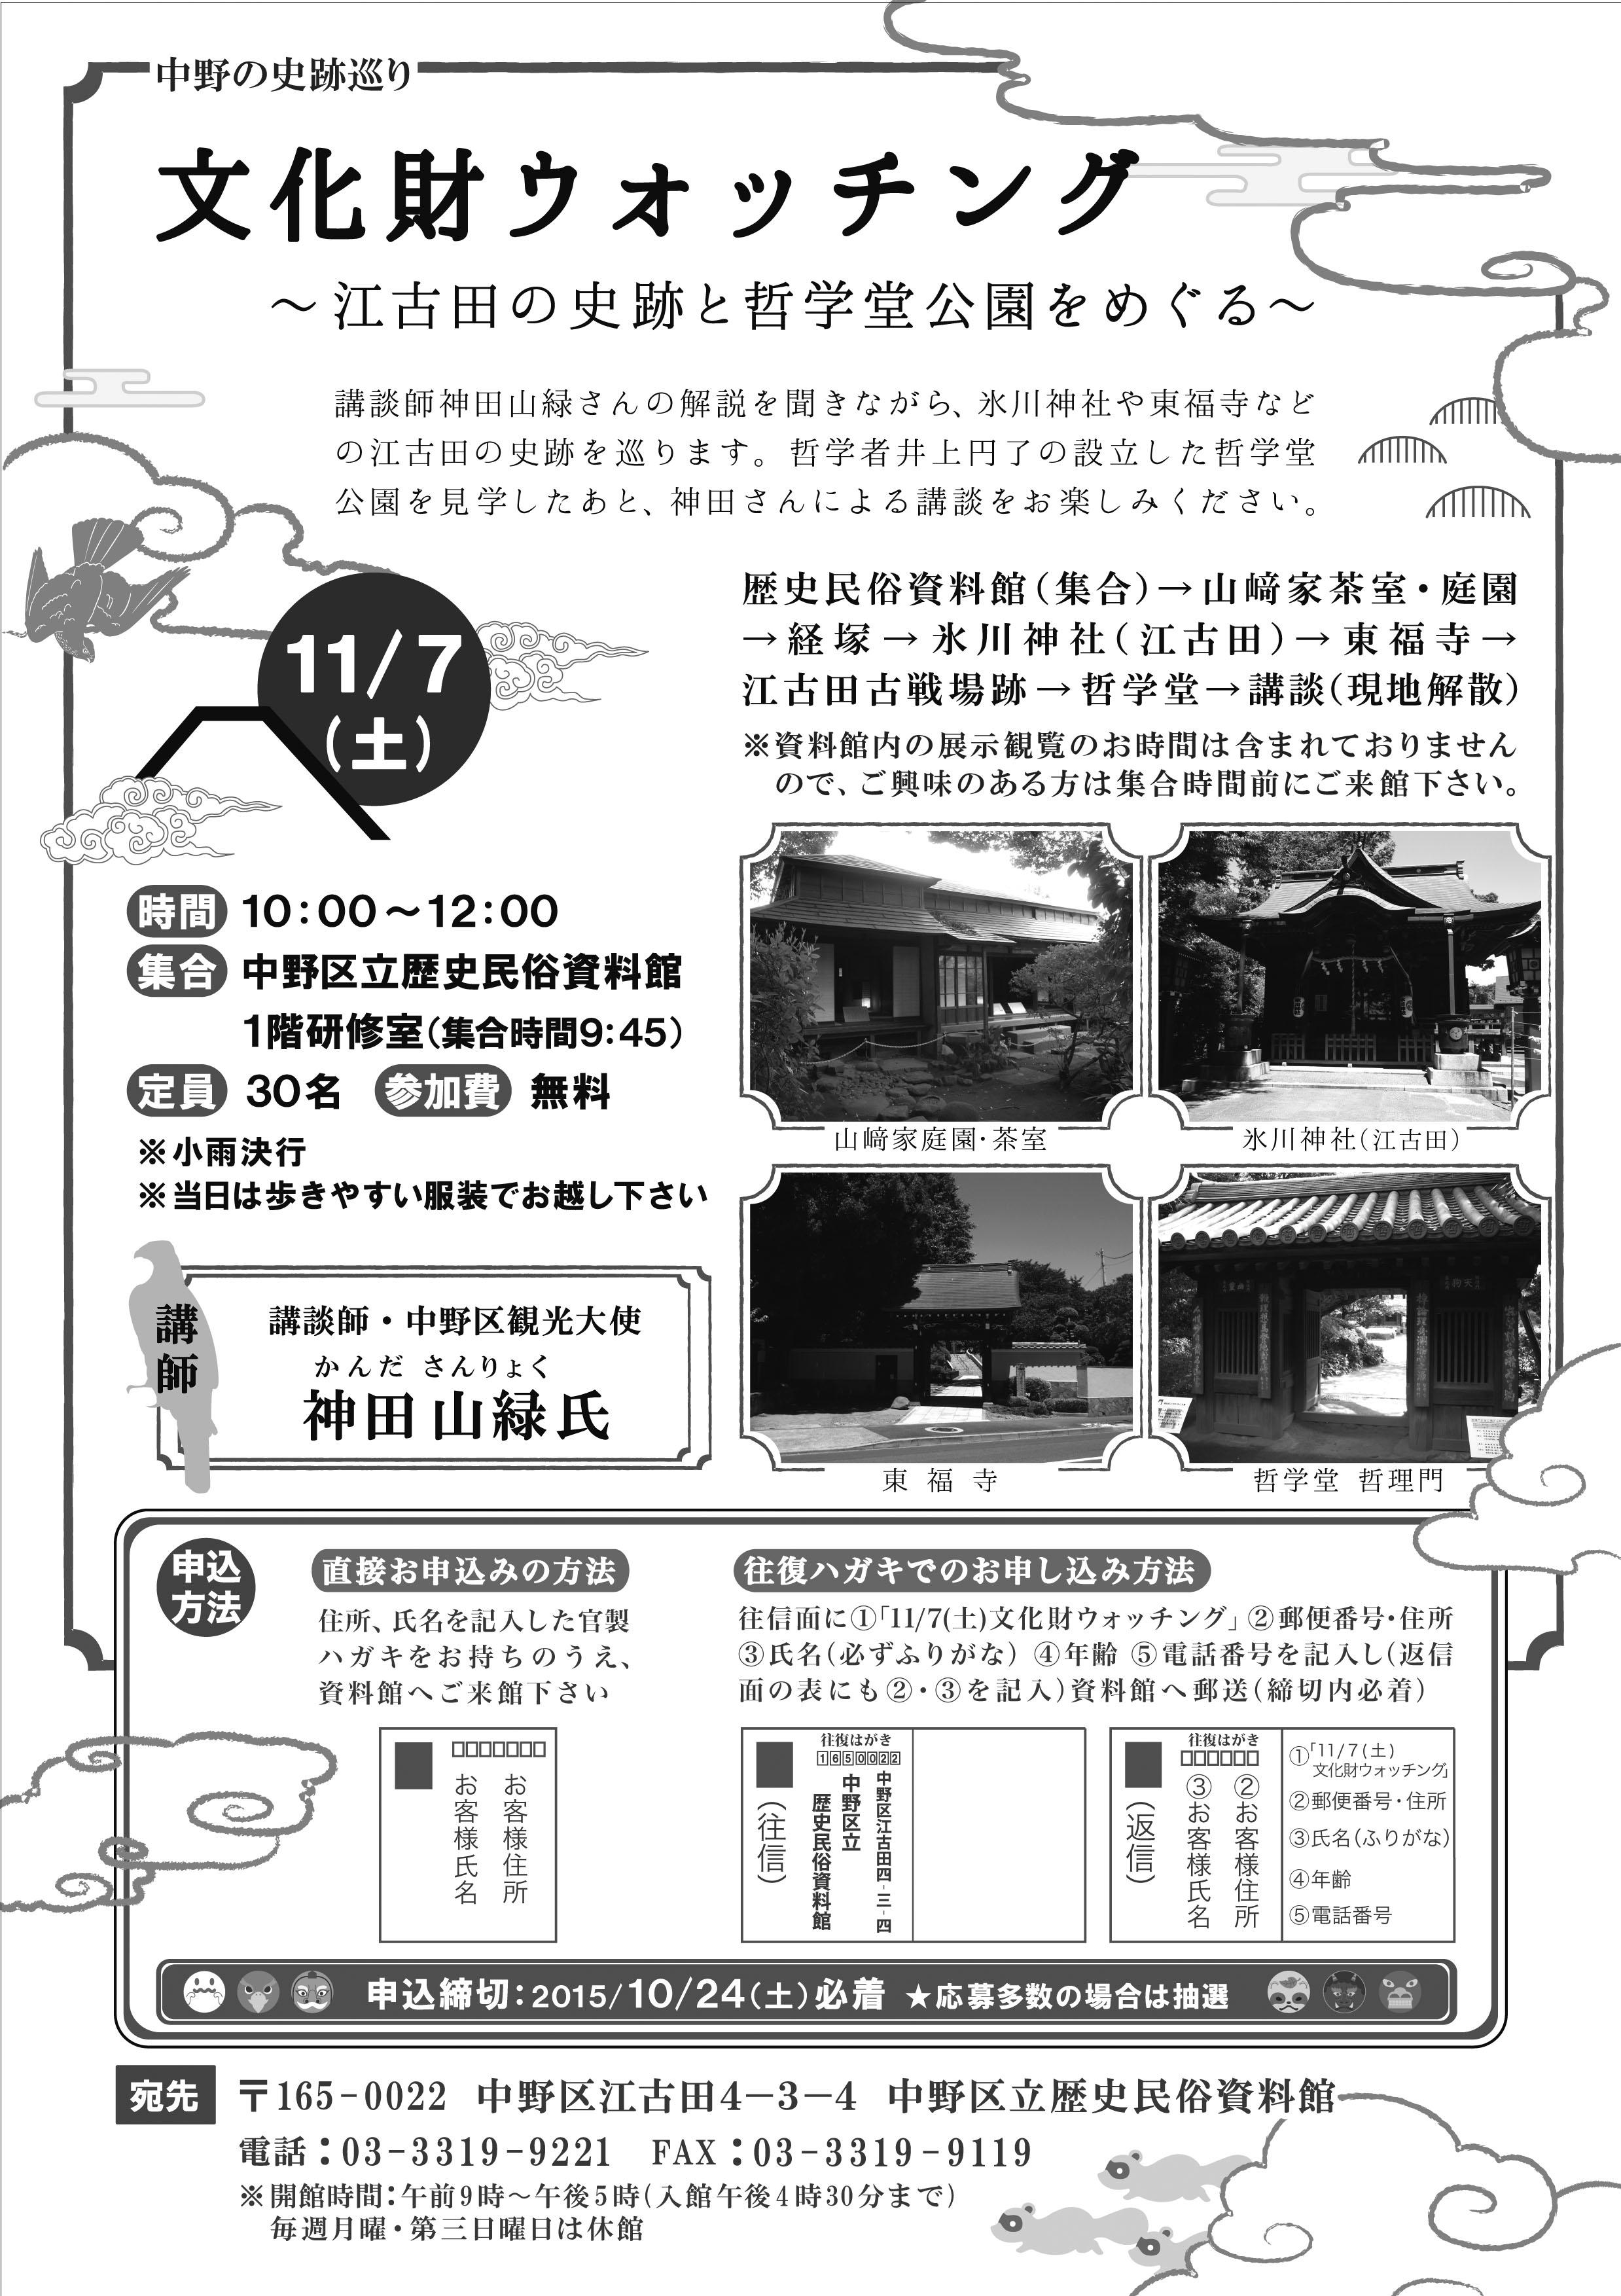 文化財ウォッチング ~江古田の史跡と哲学堂公園をめぐる~